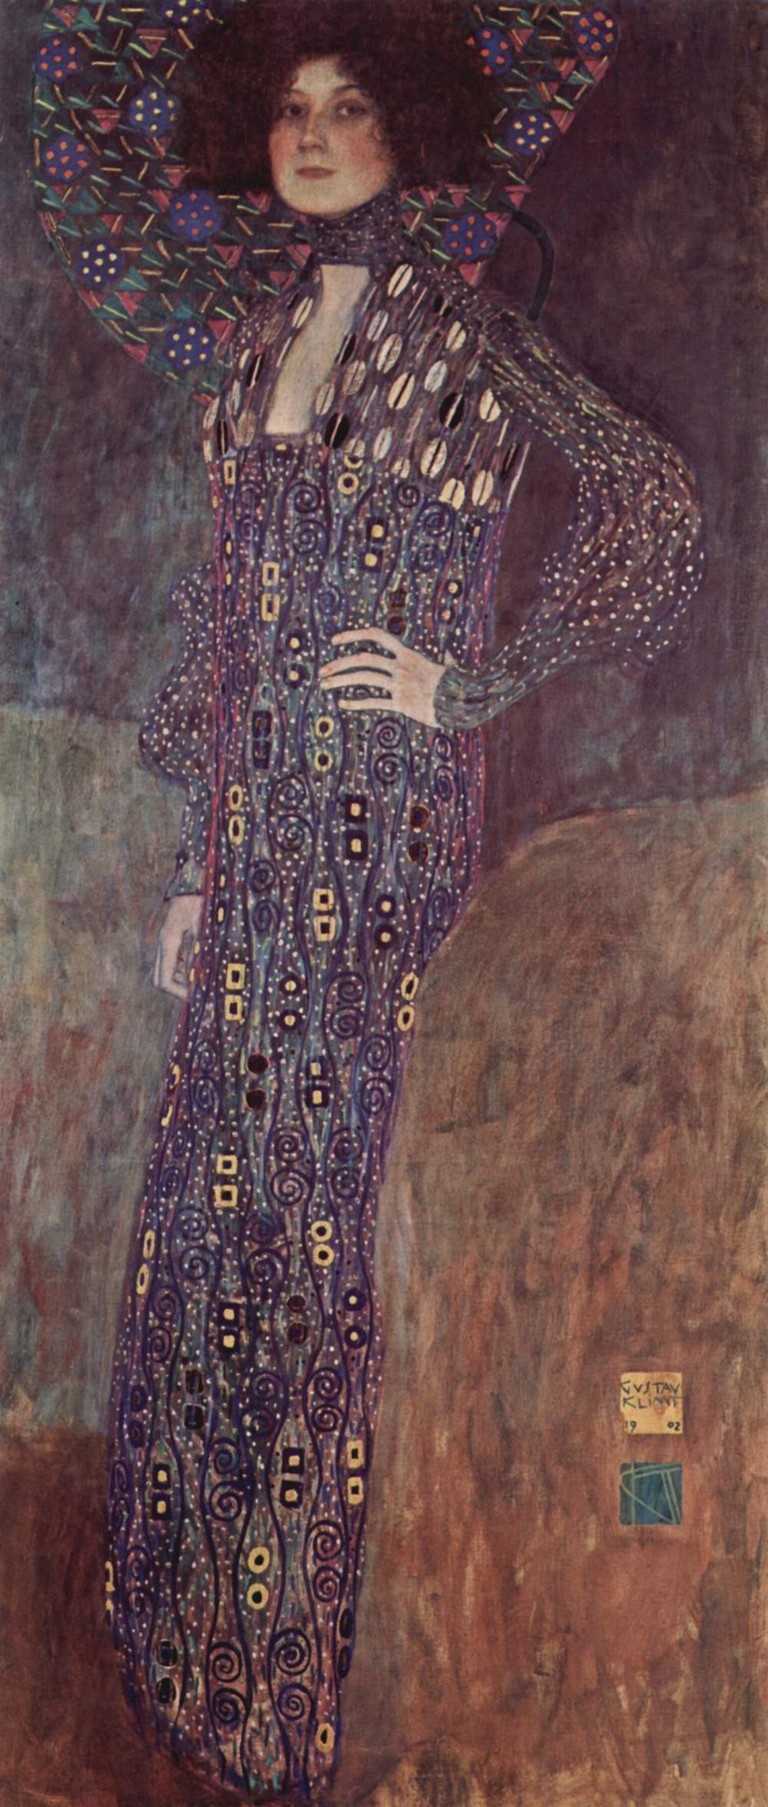 Gustav Klimt, Emilie Flöge, 1902